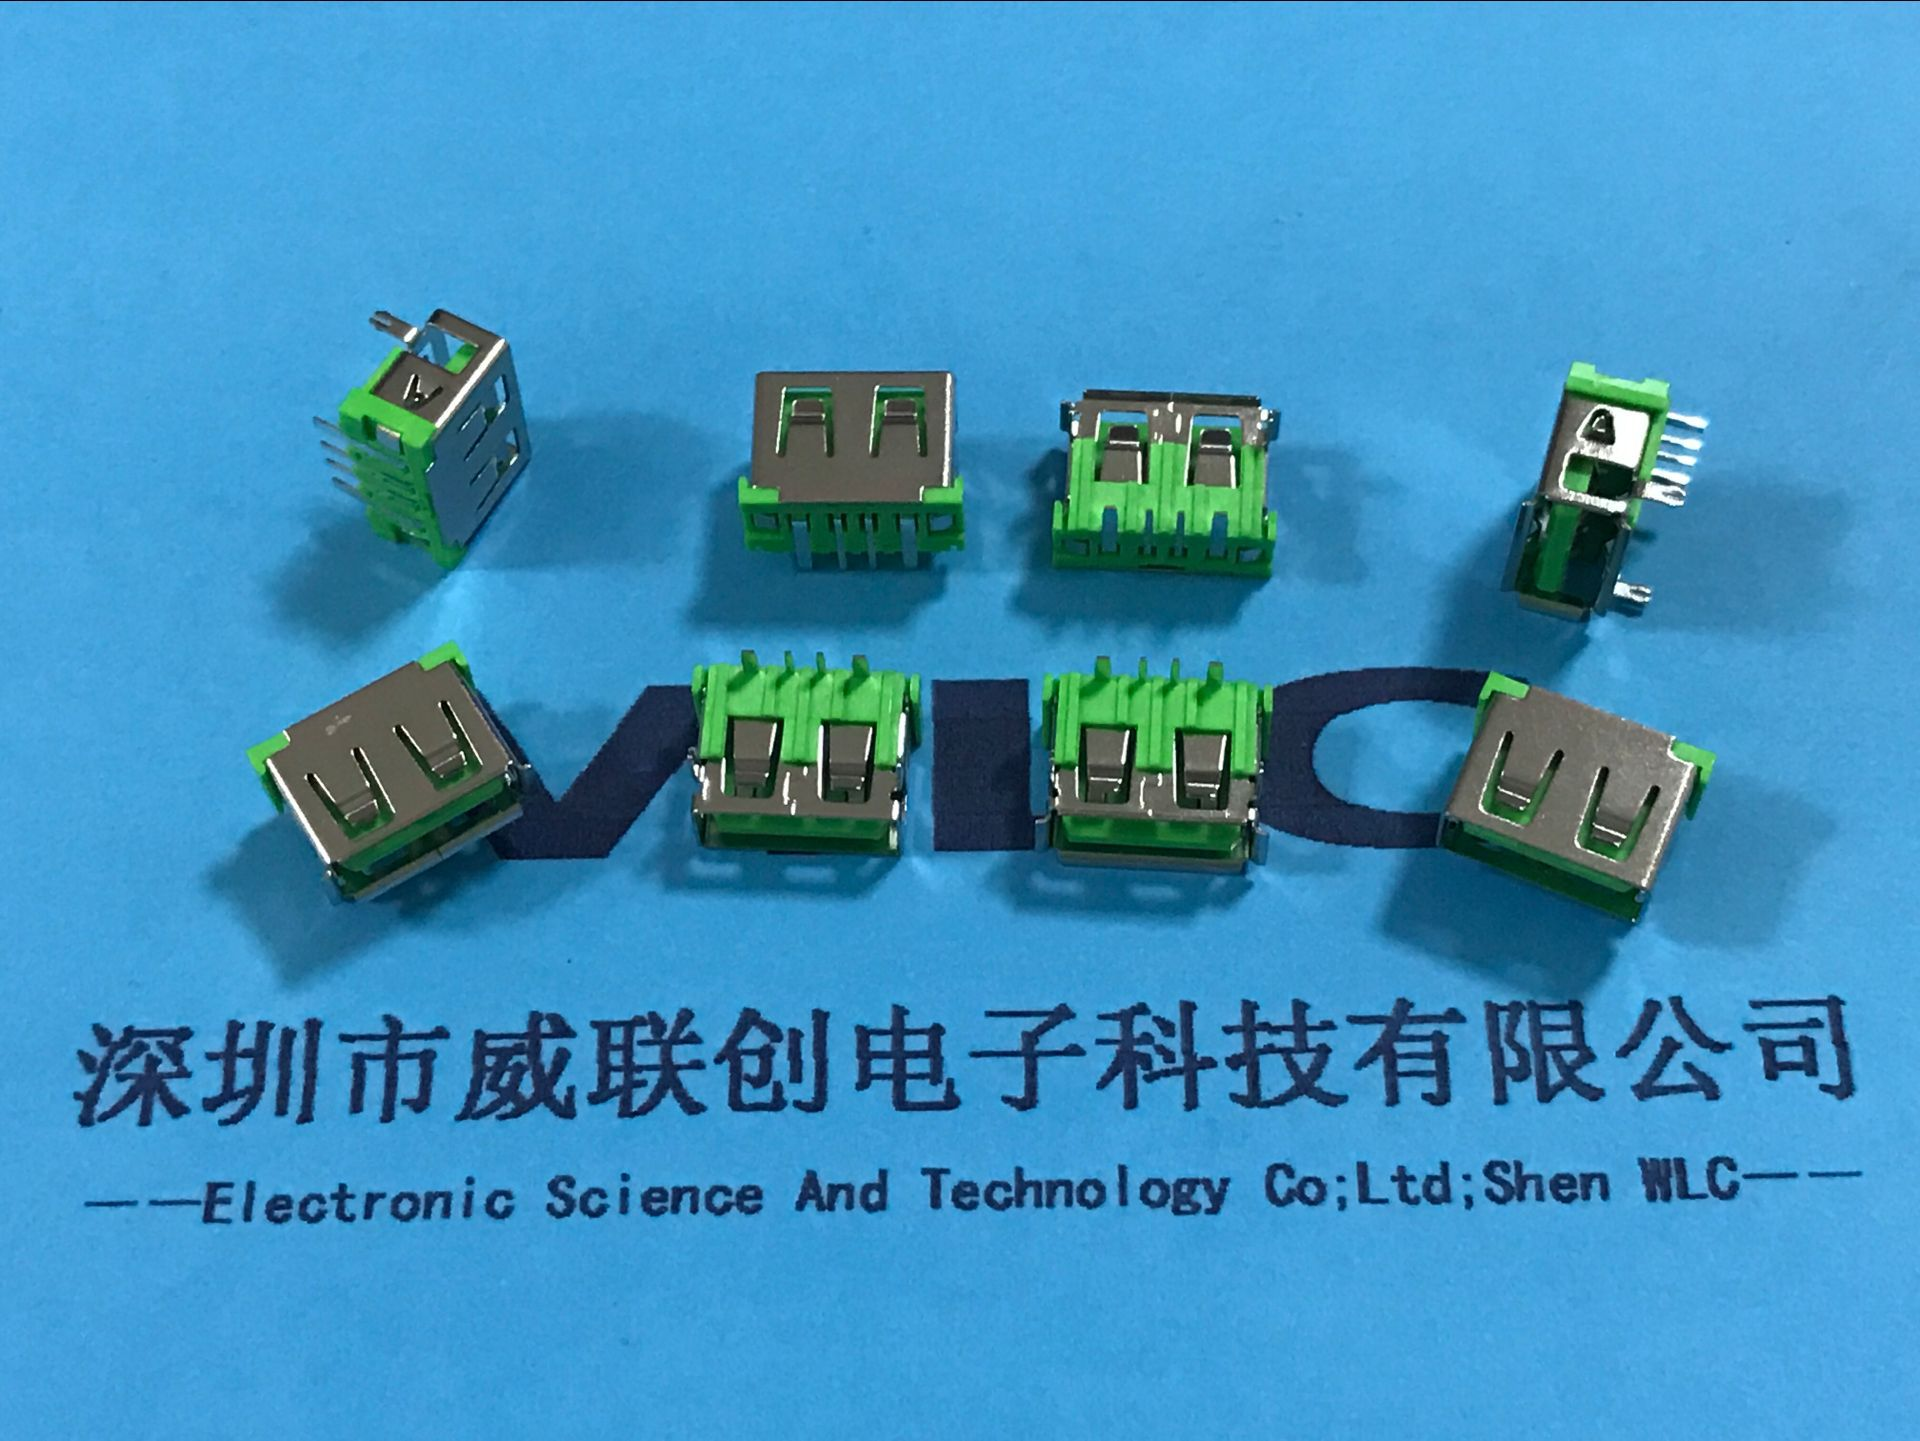 大电流沉板USB10.0短体母座(沉板1.9mm)直边米黄胶示例图4